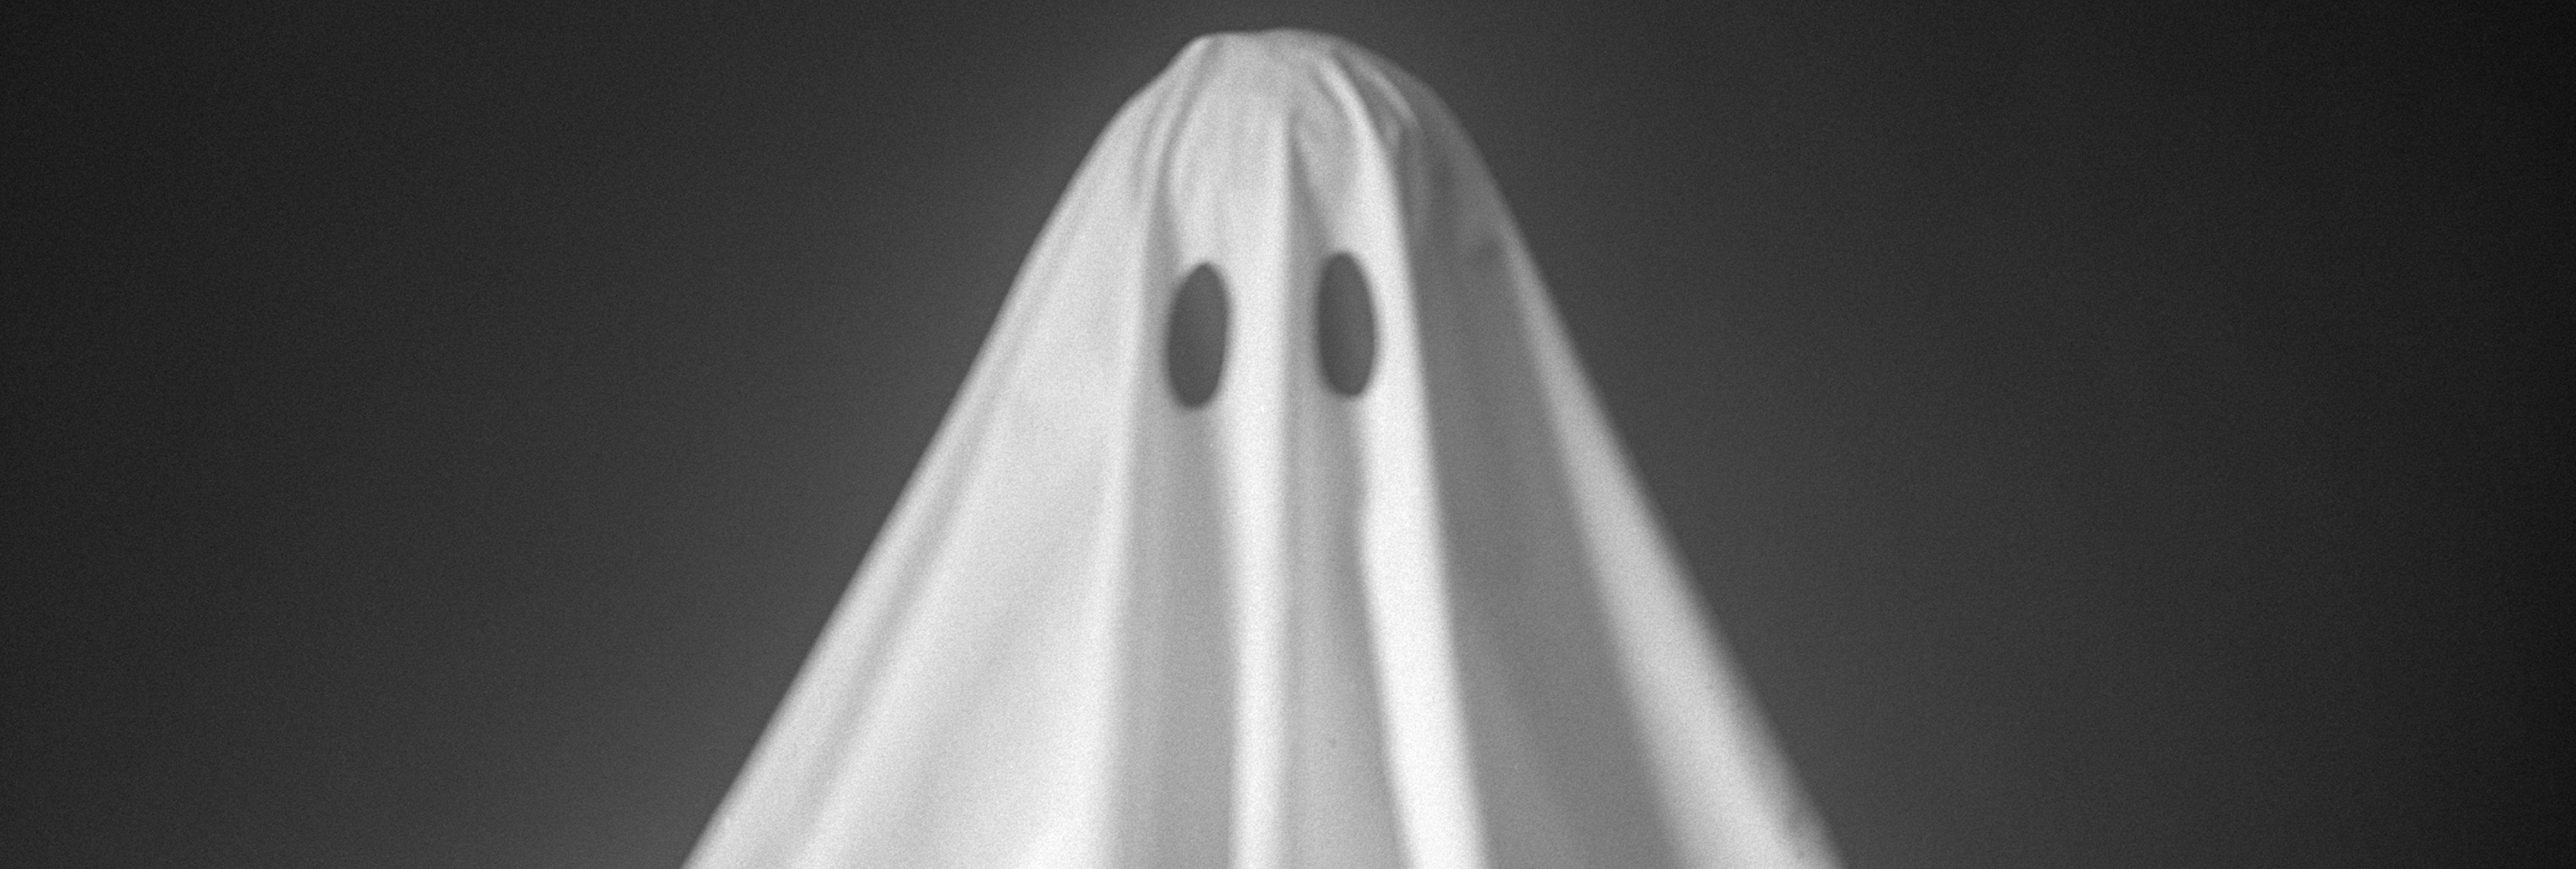 Un youtuber se disfraza de fantasma para una broma de cámara oculta y le matan a tiros